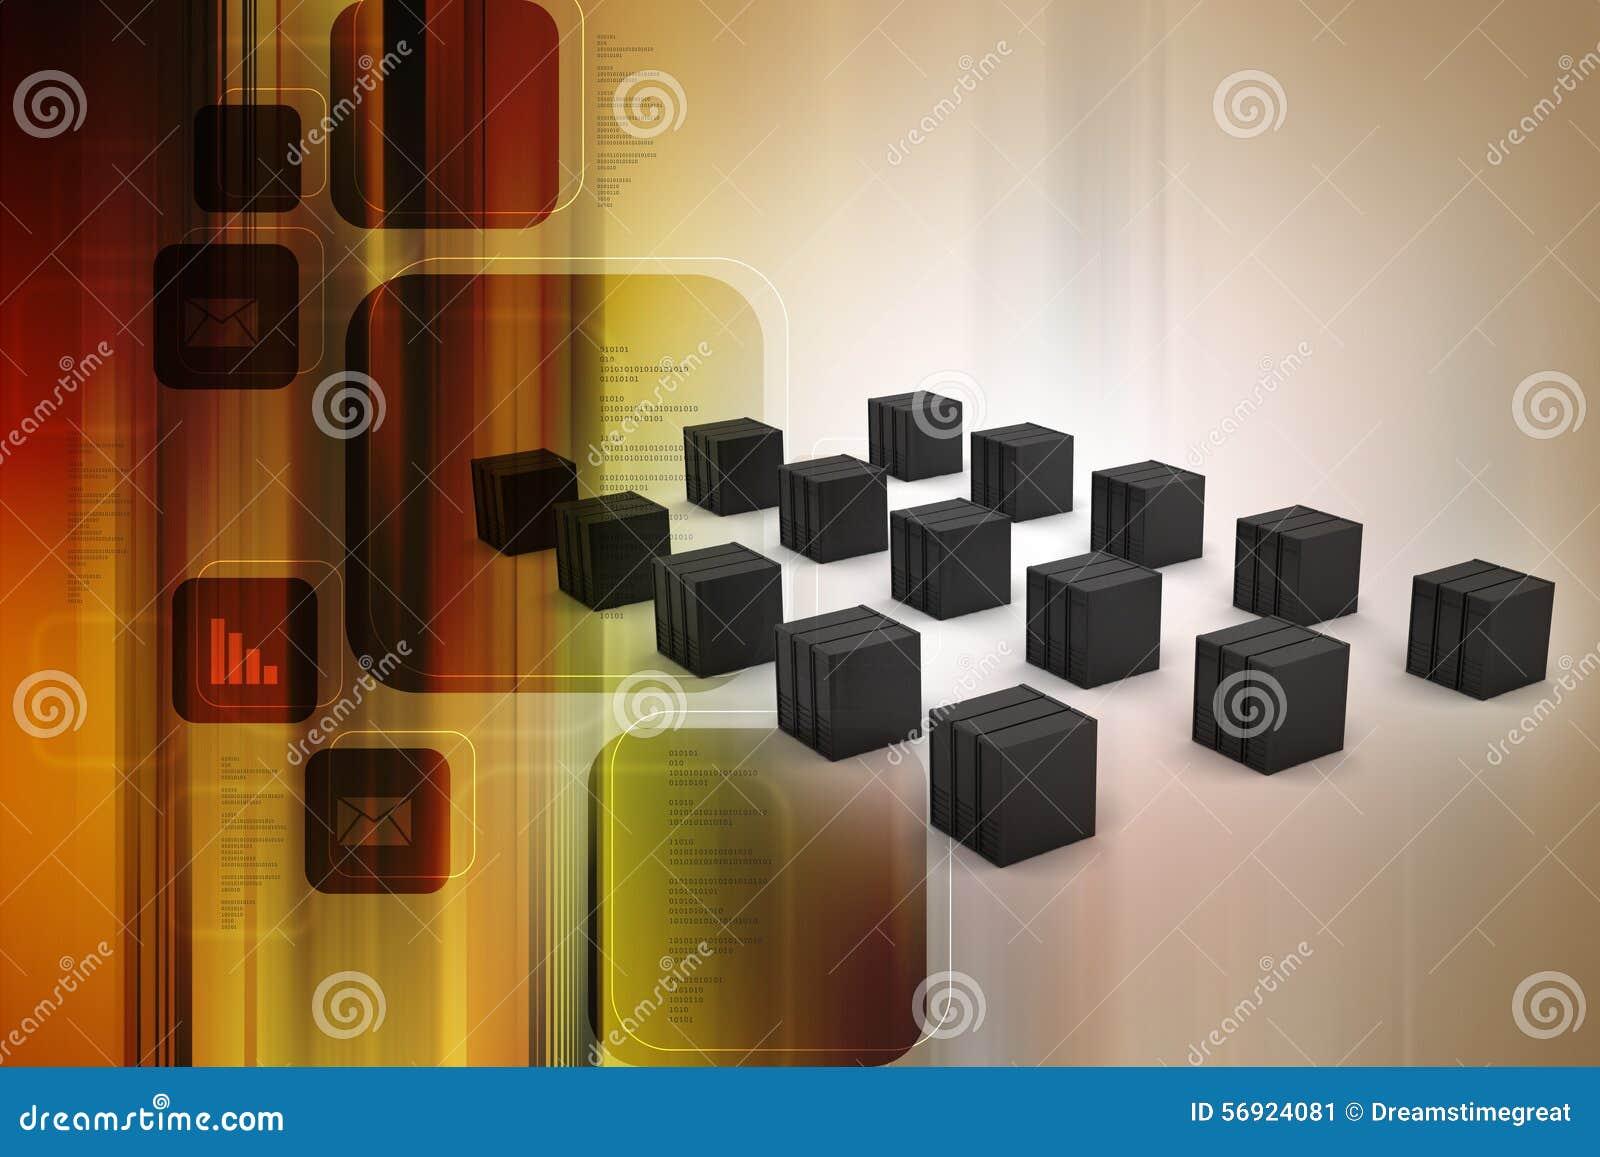 Ο κεντρικός υπολογιστής και τα στοιχεία εισάγονται